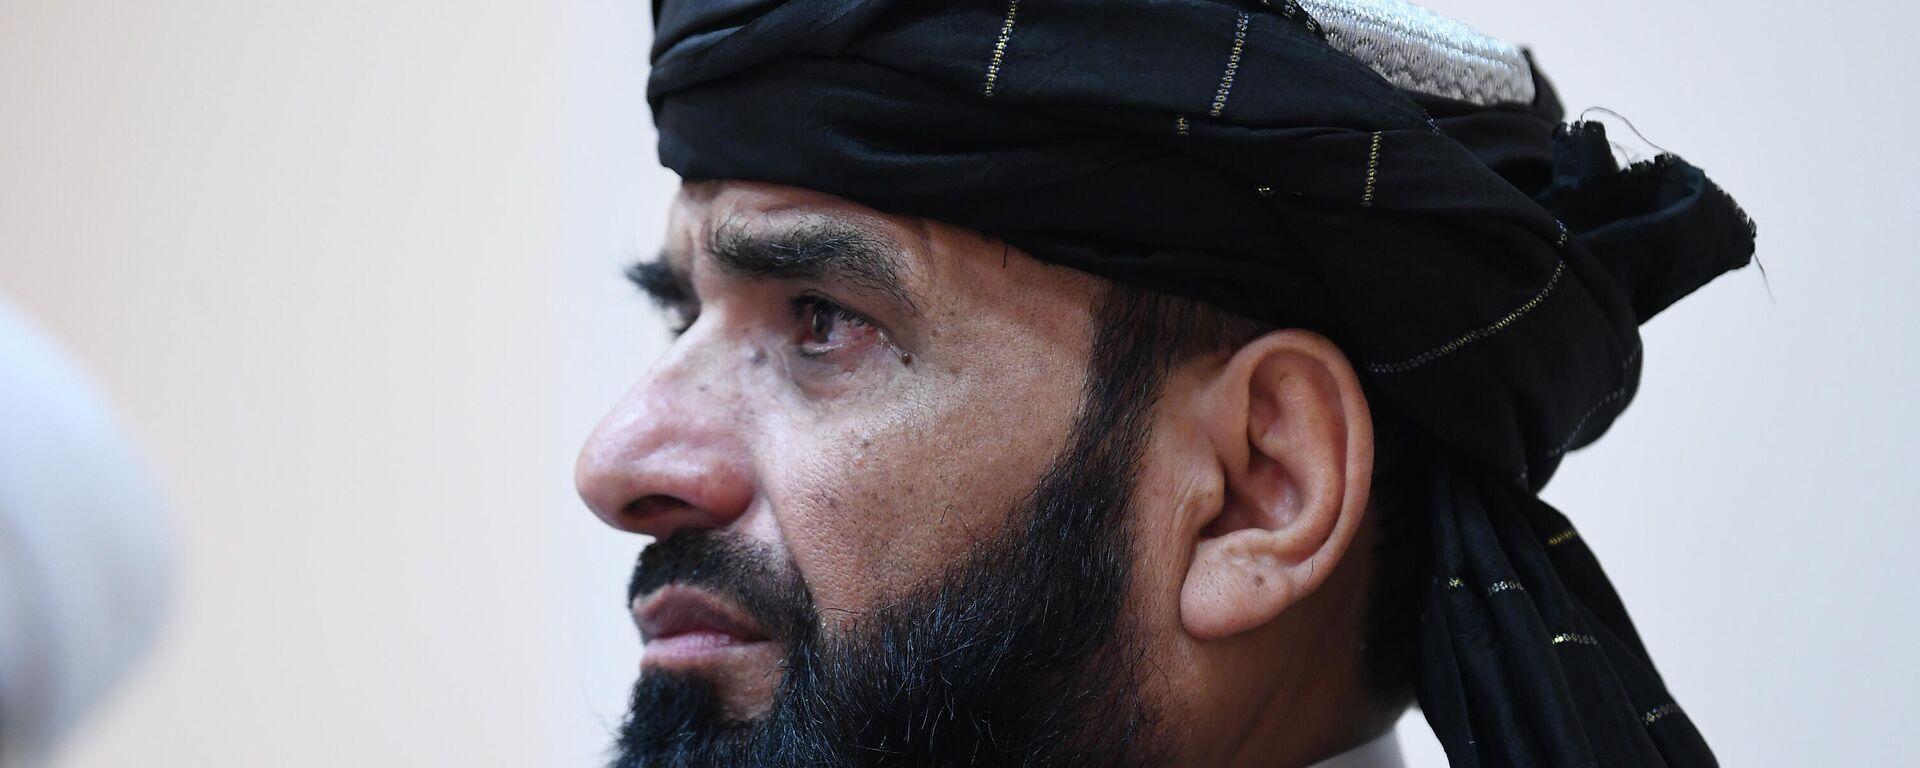 П/к делегации политического офиса движения Талибан (запрещено в РФ) в Москве - Sputnik Таджикистан, 1920, 12.09.2021